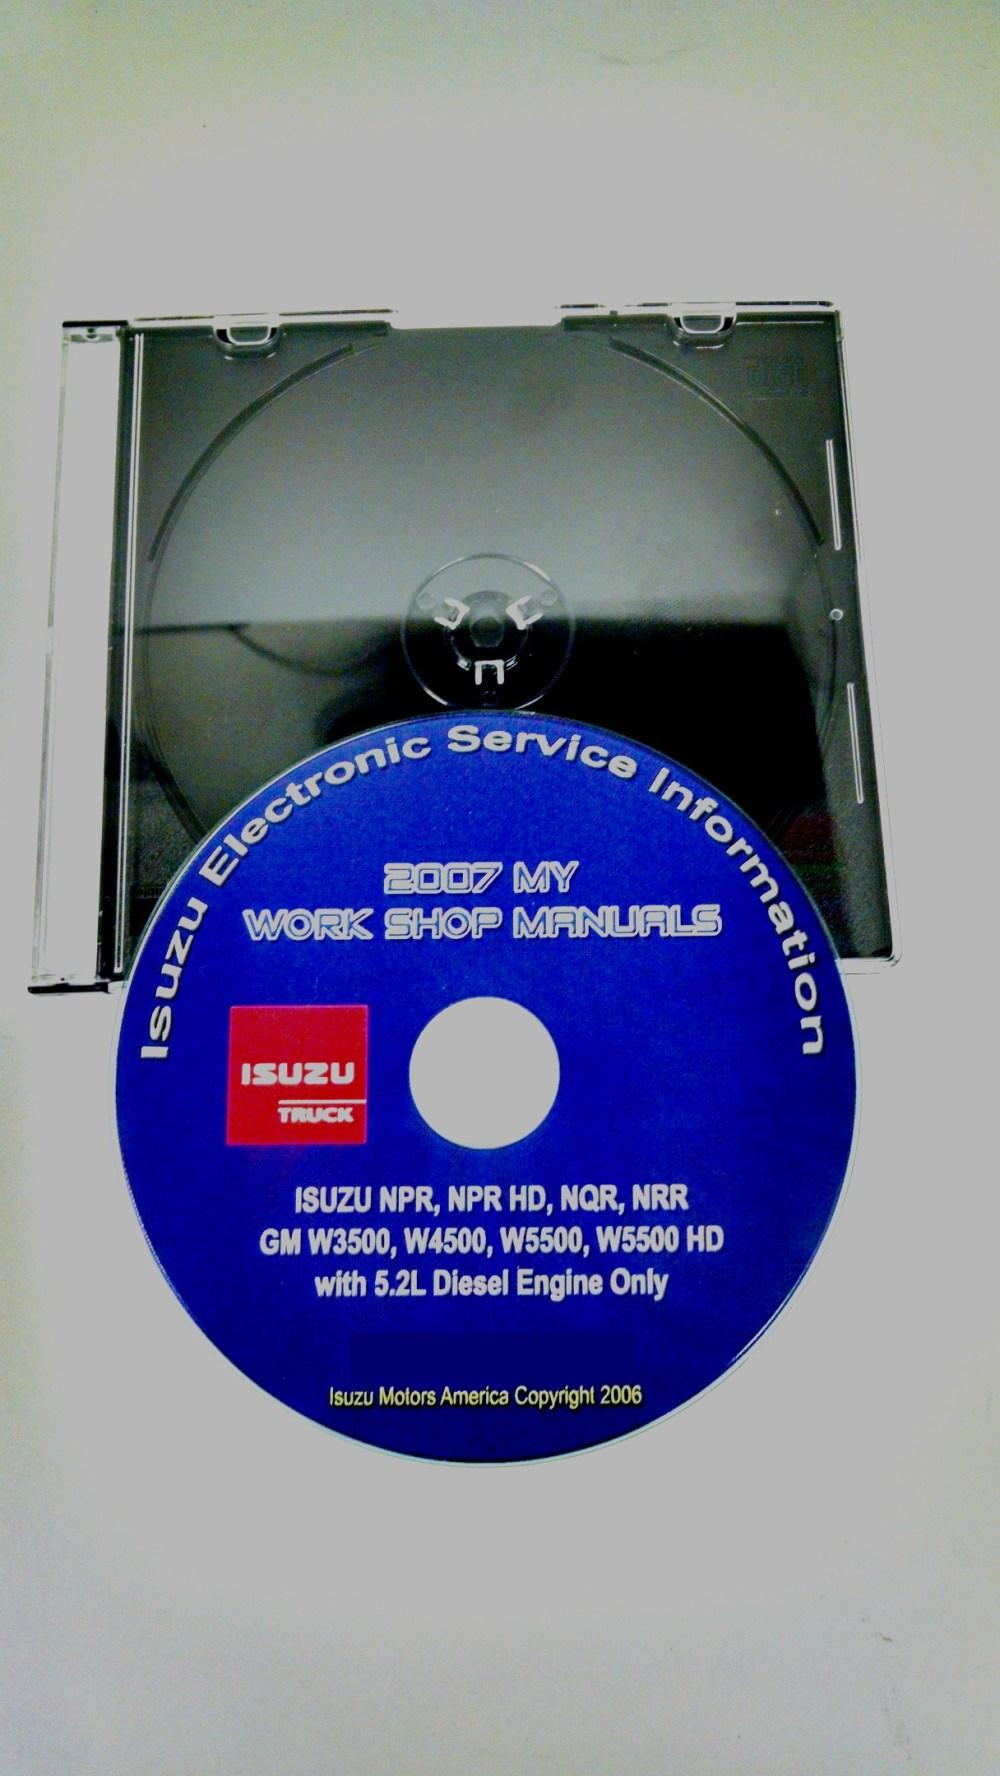 medium resolution of 2007 npr nqr nrr gm w3500 w4500 w5500 service manual cd rom 2006 isuzu npr hd 2007 w4500 isuzu npr hd engine diagram